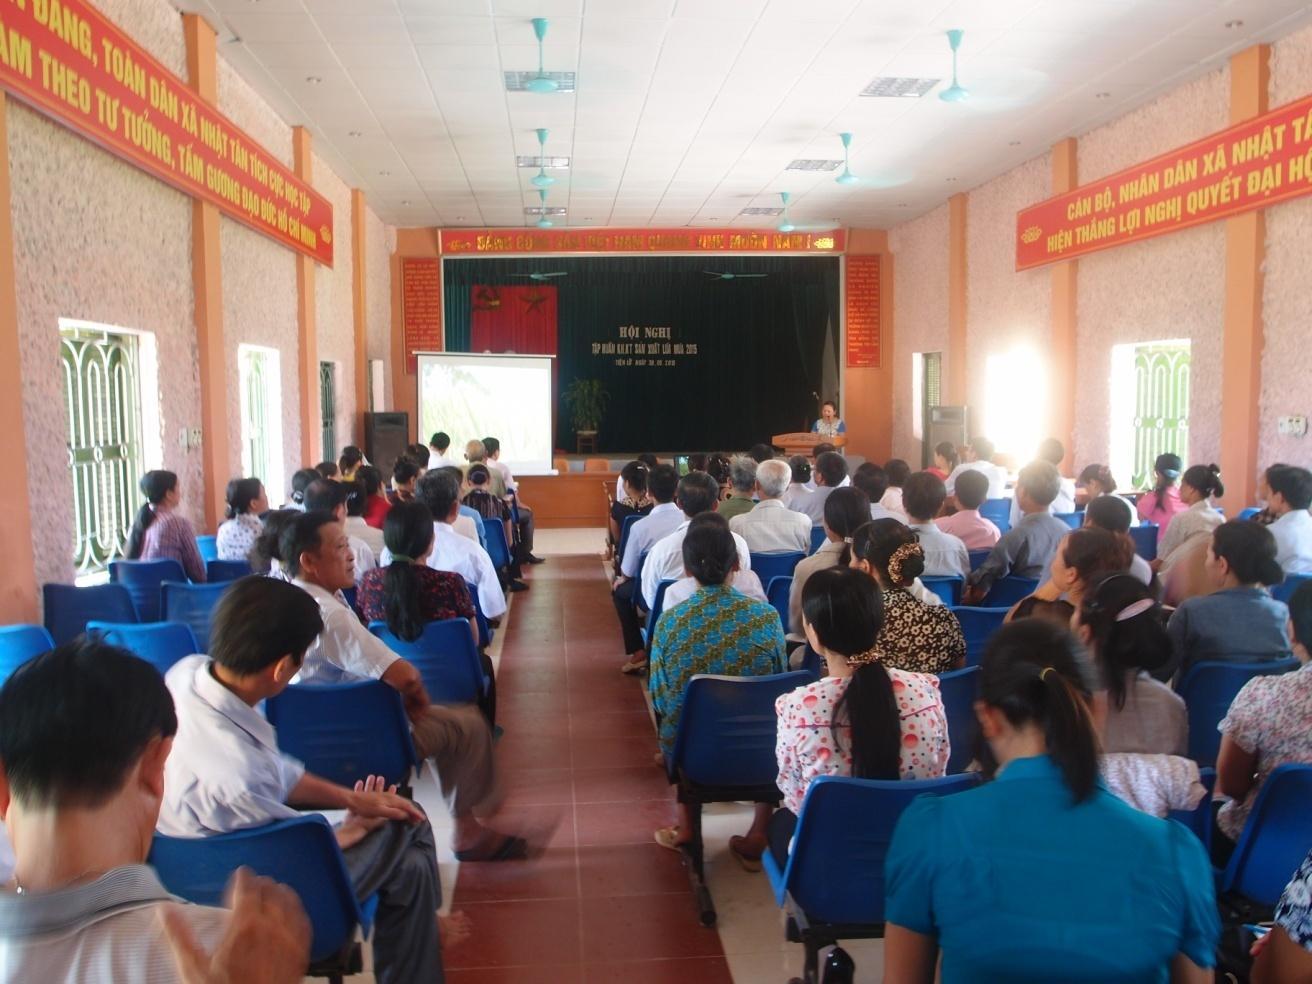 Hội nghị tập huấn khoa học kỹ thuật sản xuất lúa mùa 2015 và kỹ thuật xử lý rơm rạ sau thu hoạch tại 2 xã Minh Phượng và Nhật Tân (Tiên Lữ)